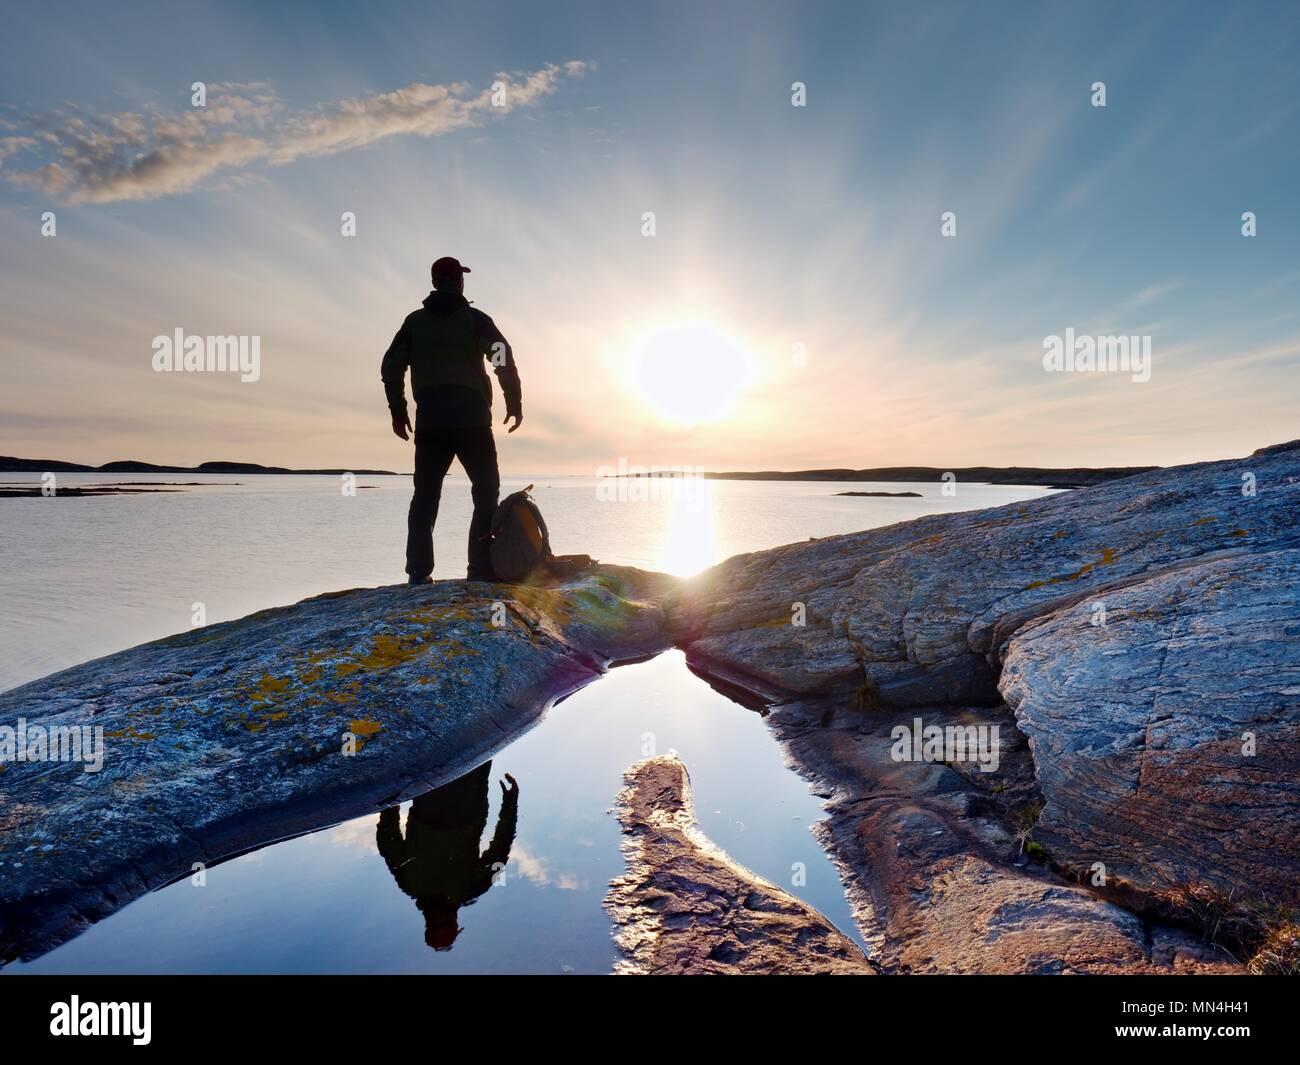 Silueta de solo hombre mirando hacia vibrante del atardecer. Los brillos y refleja en aguas someras del nivel del mar Imagen De Stock